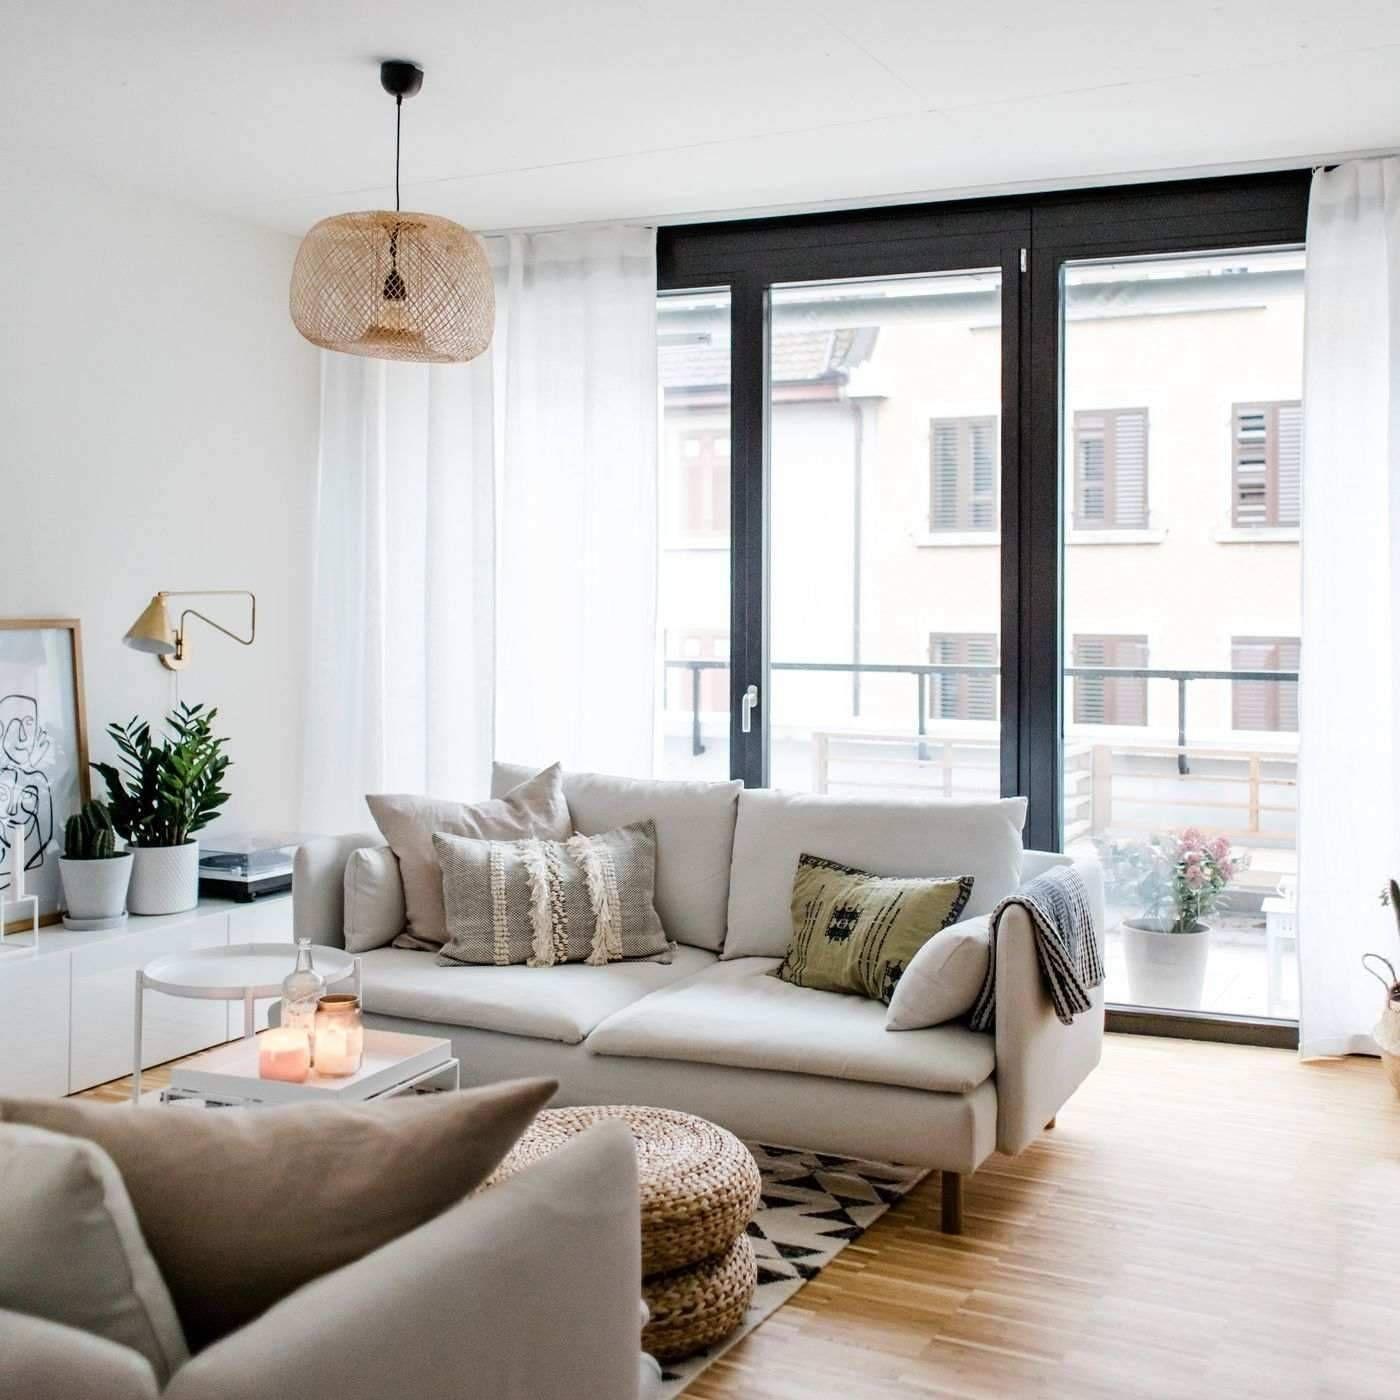 3 Ausgezeichnet Großartig Kleines Wohnzimmer Vorher Nachher Sie